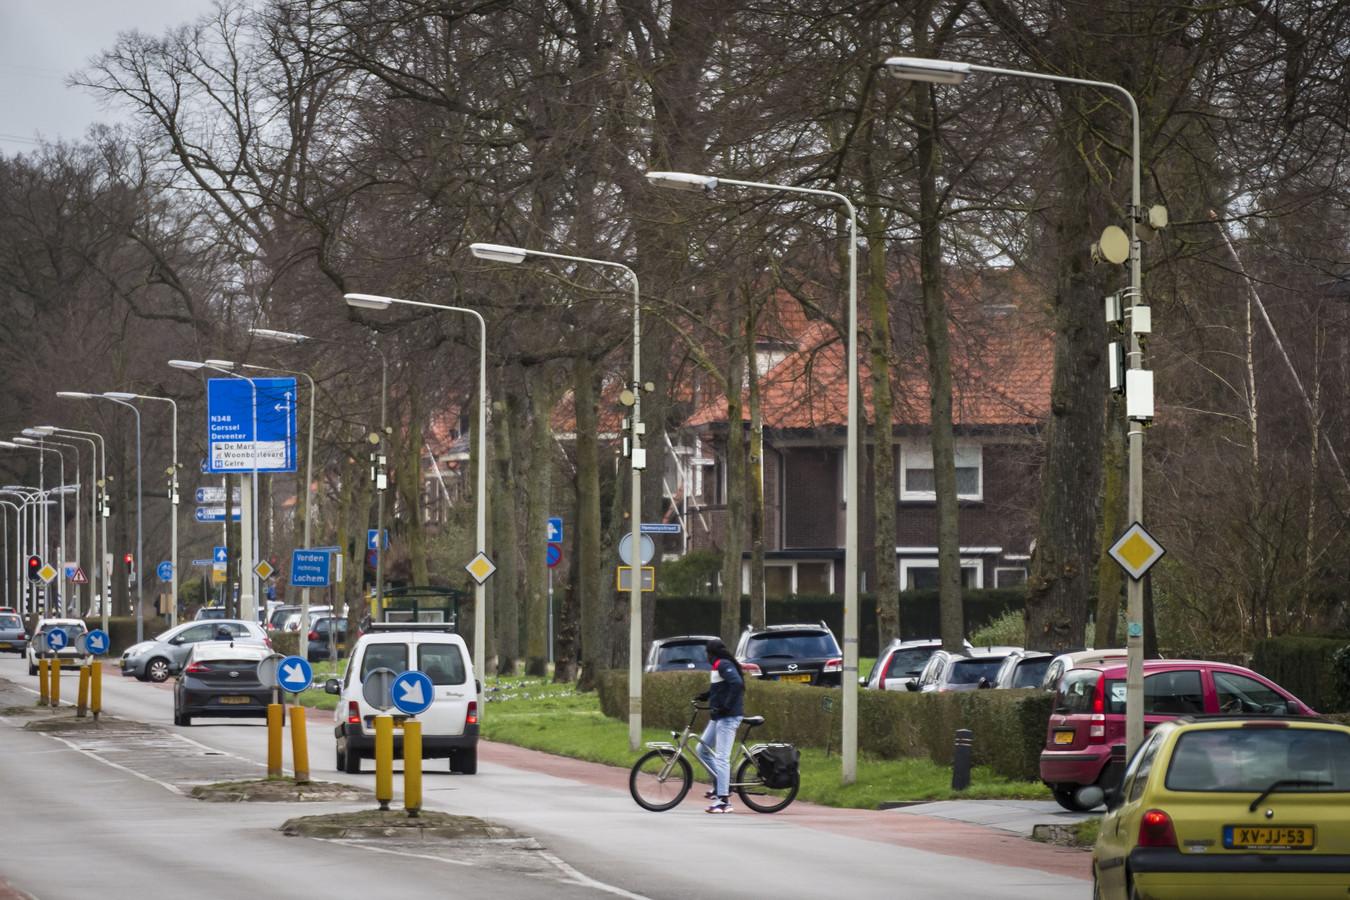 Een antenne op elke hoek van de straat, zoals hier op een bewerkt straatbeeld in Zutphen. Om het nieuwe 5G-netwerk voor sneller internet de komende jaren 'uit te rollen' zijn nieuwe zendmasten nodig maar ook kleinere antennes ('small-cells') op of in openbare gebouwen, lantaarnpalen, bushokjes en verkeerslichten.